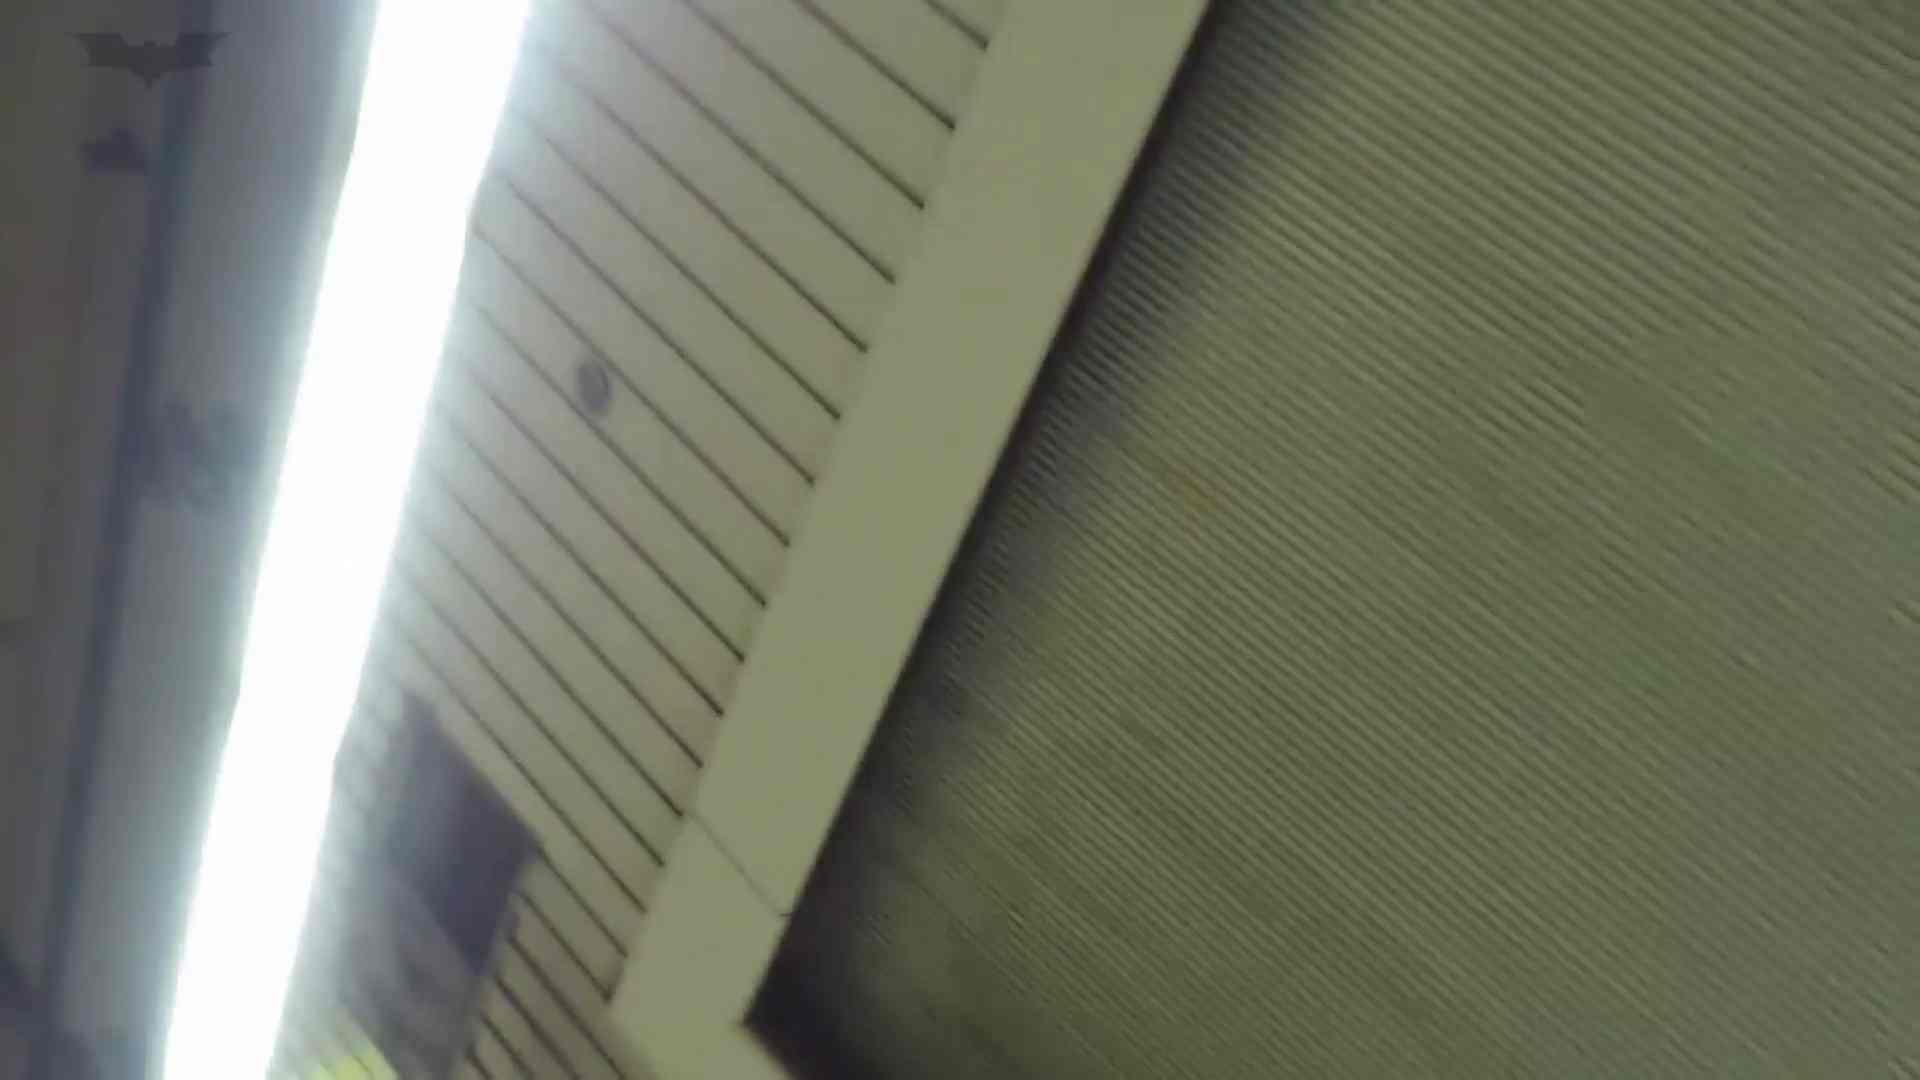 盗撮列車 Vol.55 黄色の爽やかなスカートが大好きです。 盗撮エロすぎ | OL  38連発 13